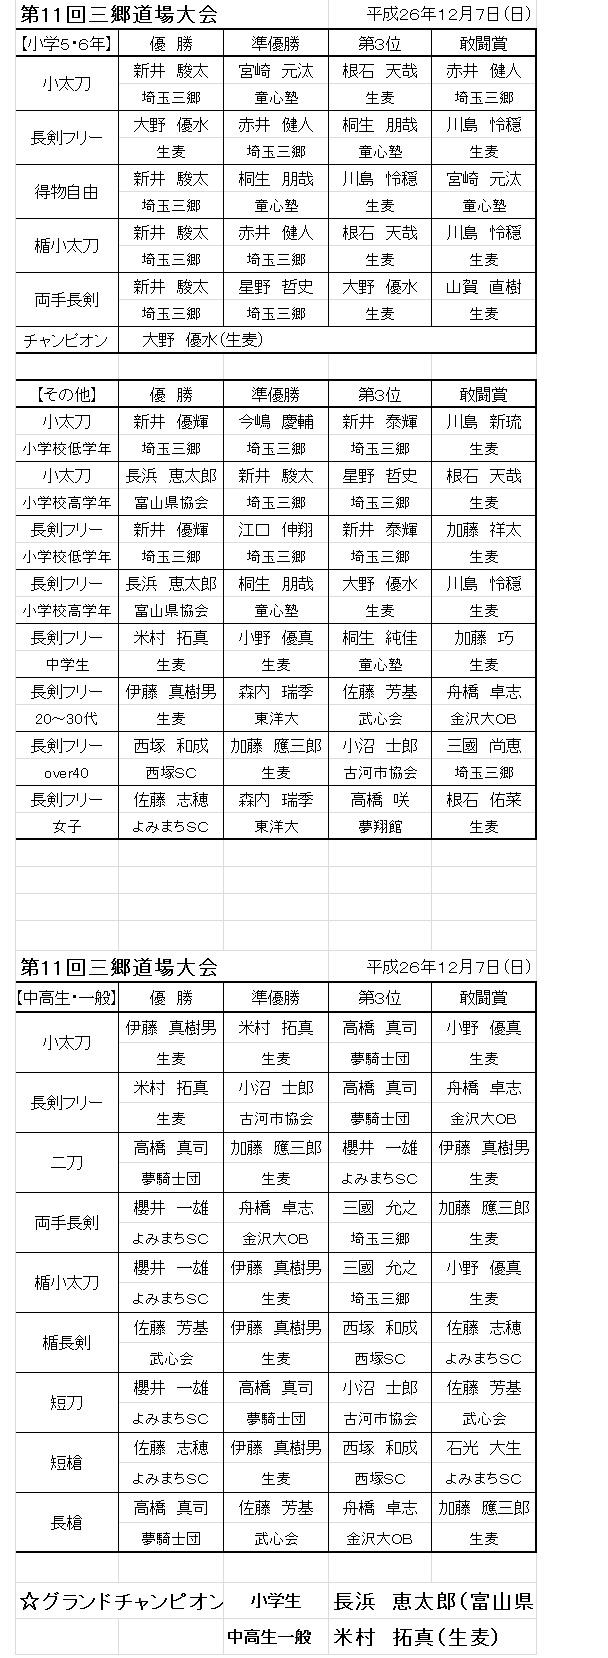 三郷道場大会2014